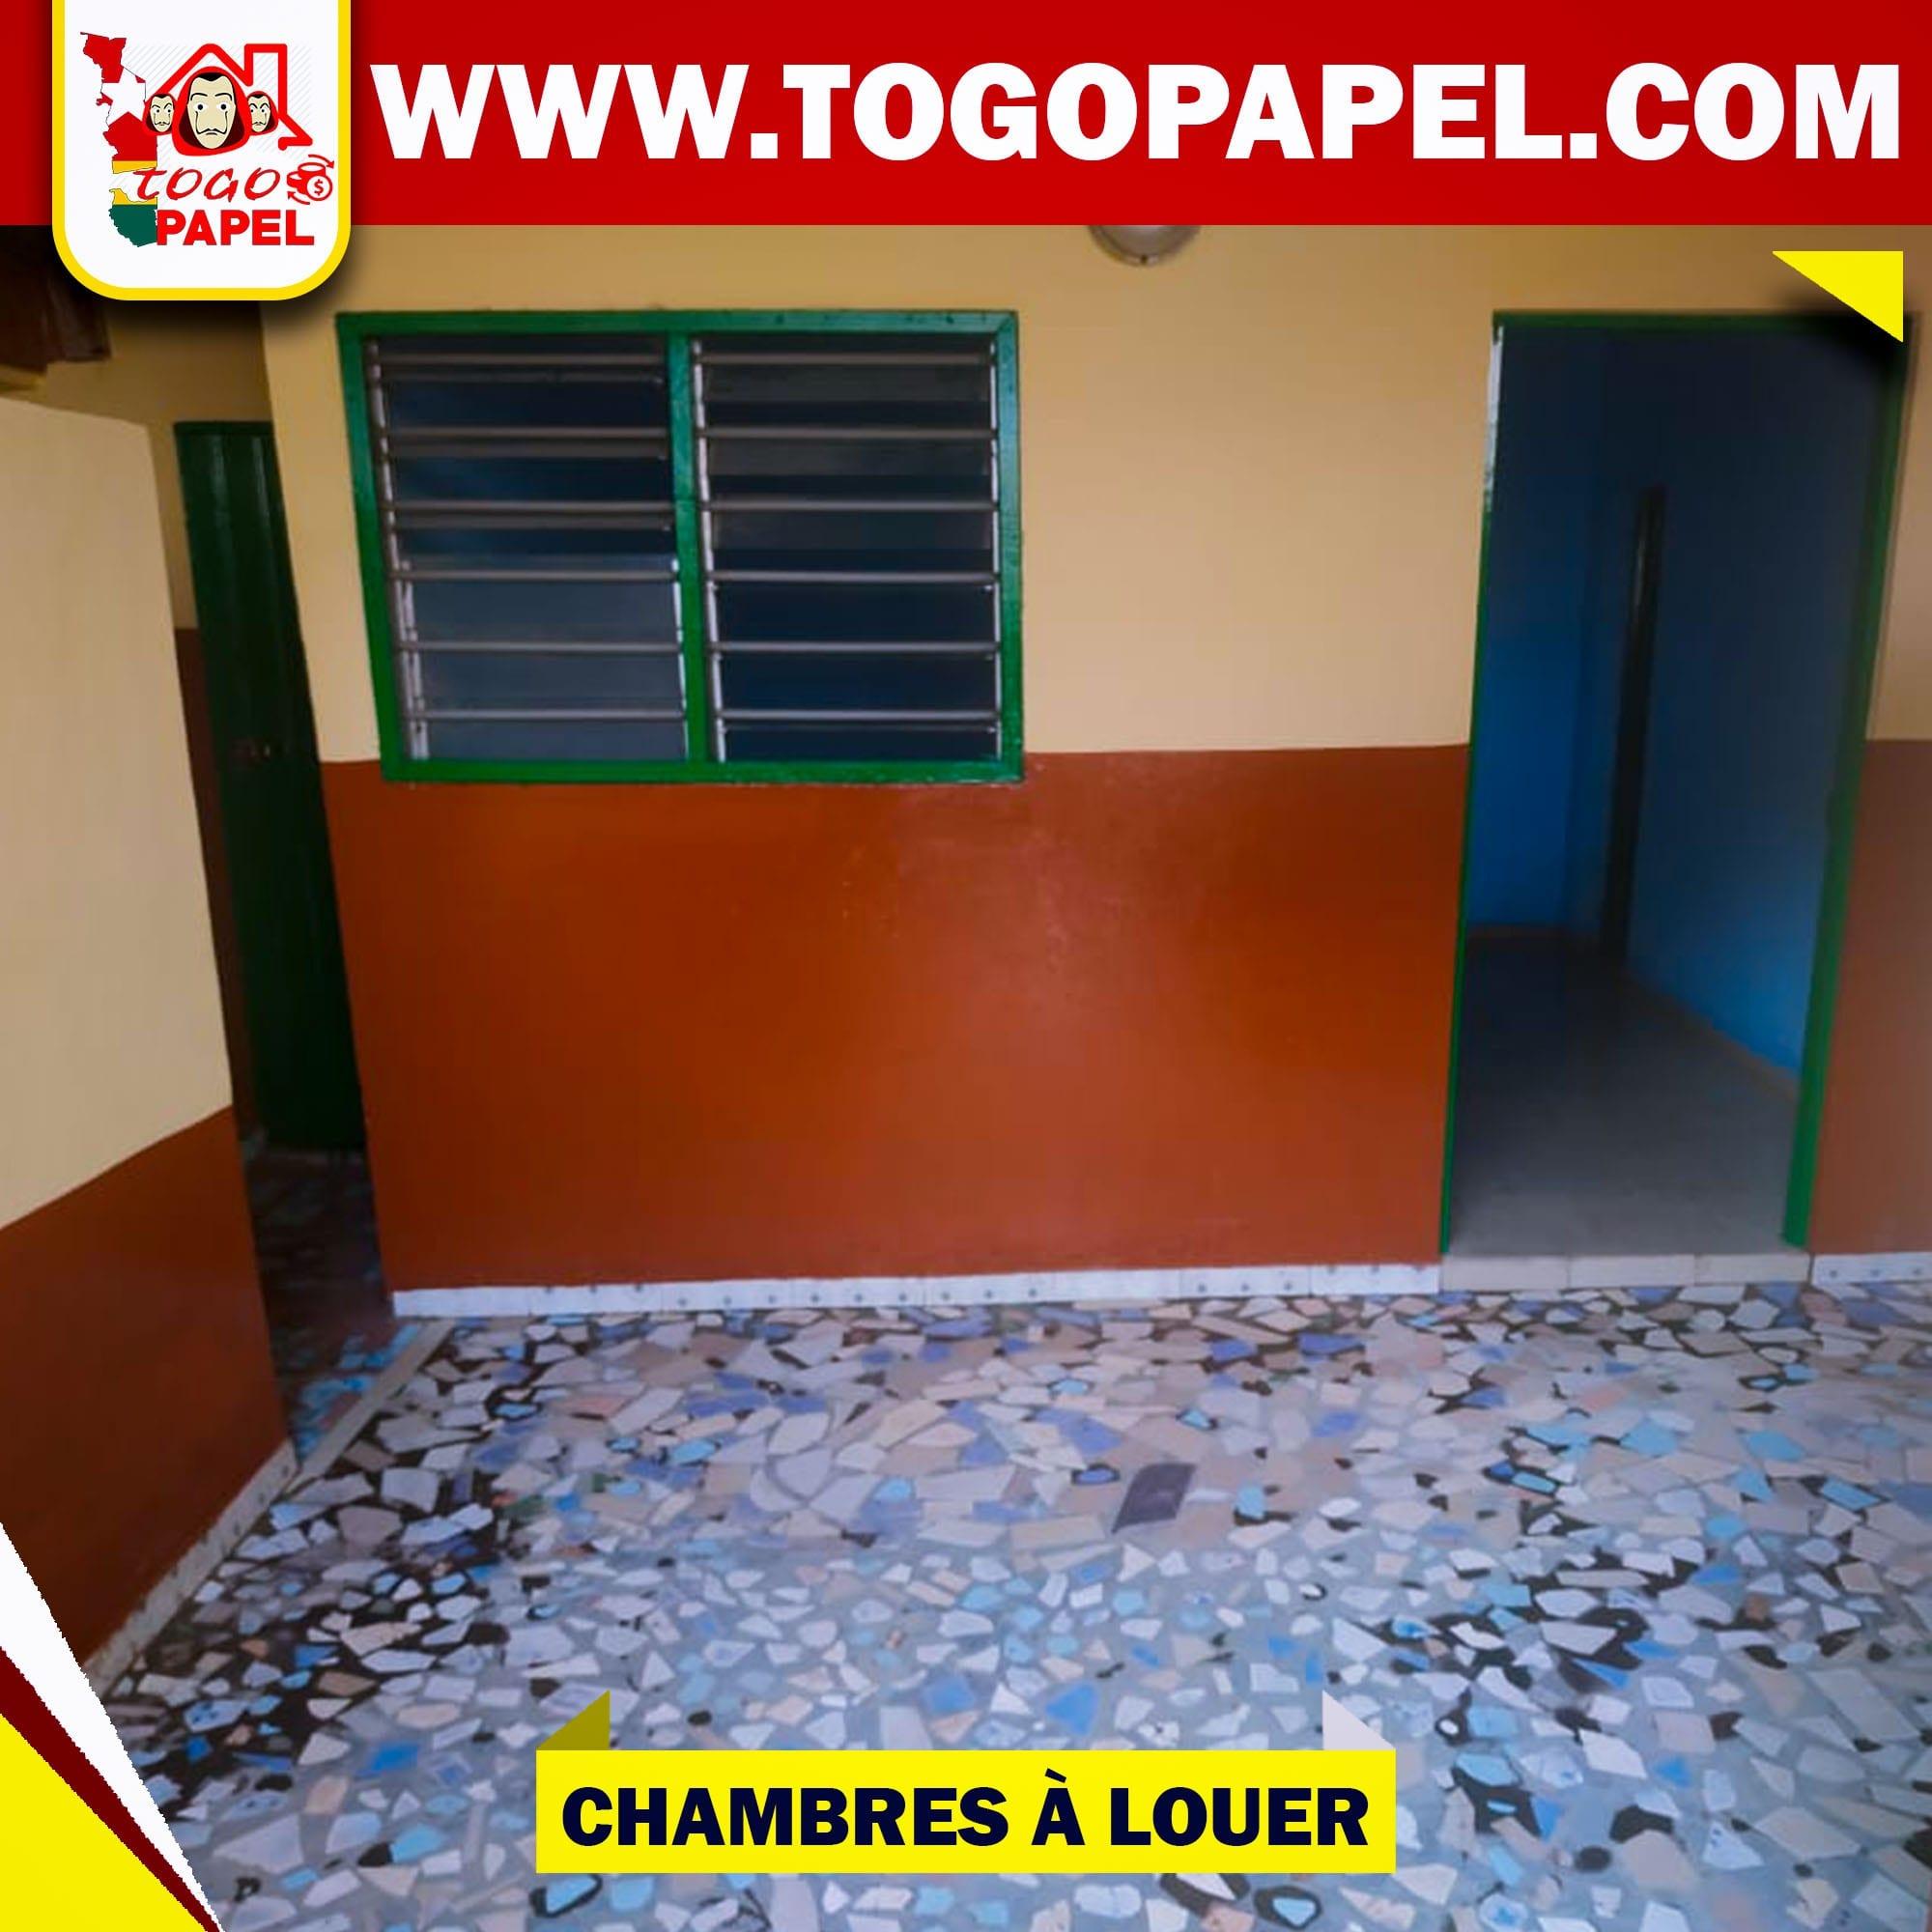 Internet : Ces conseils à prendre en compte avant d'acheter un bien immobilier au Togo